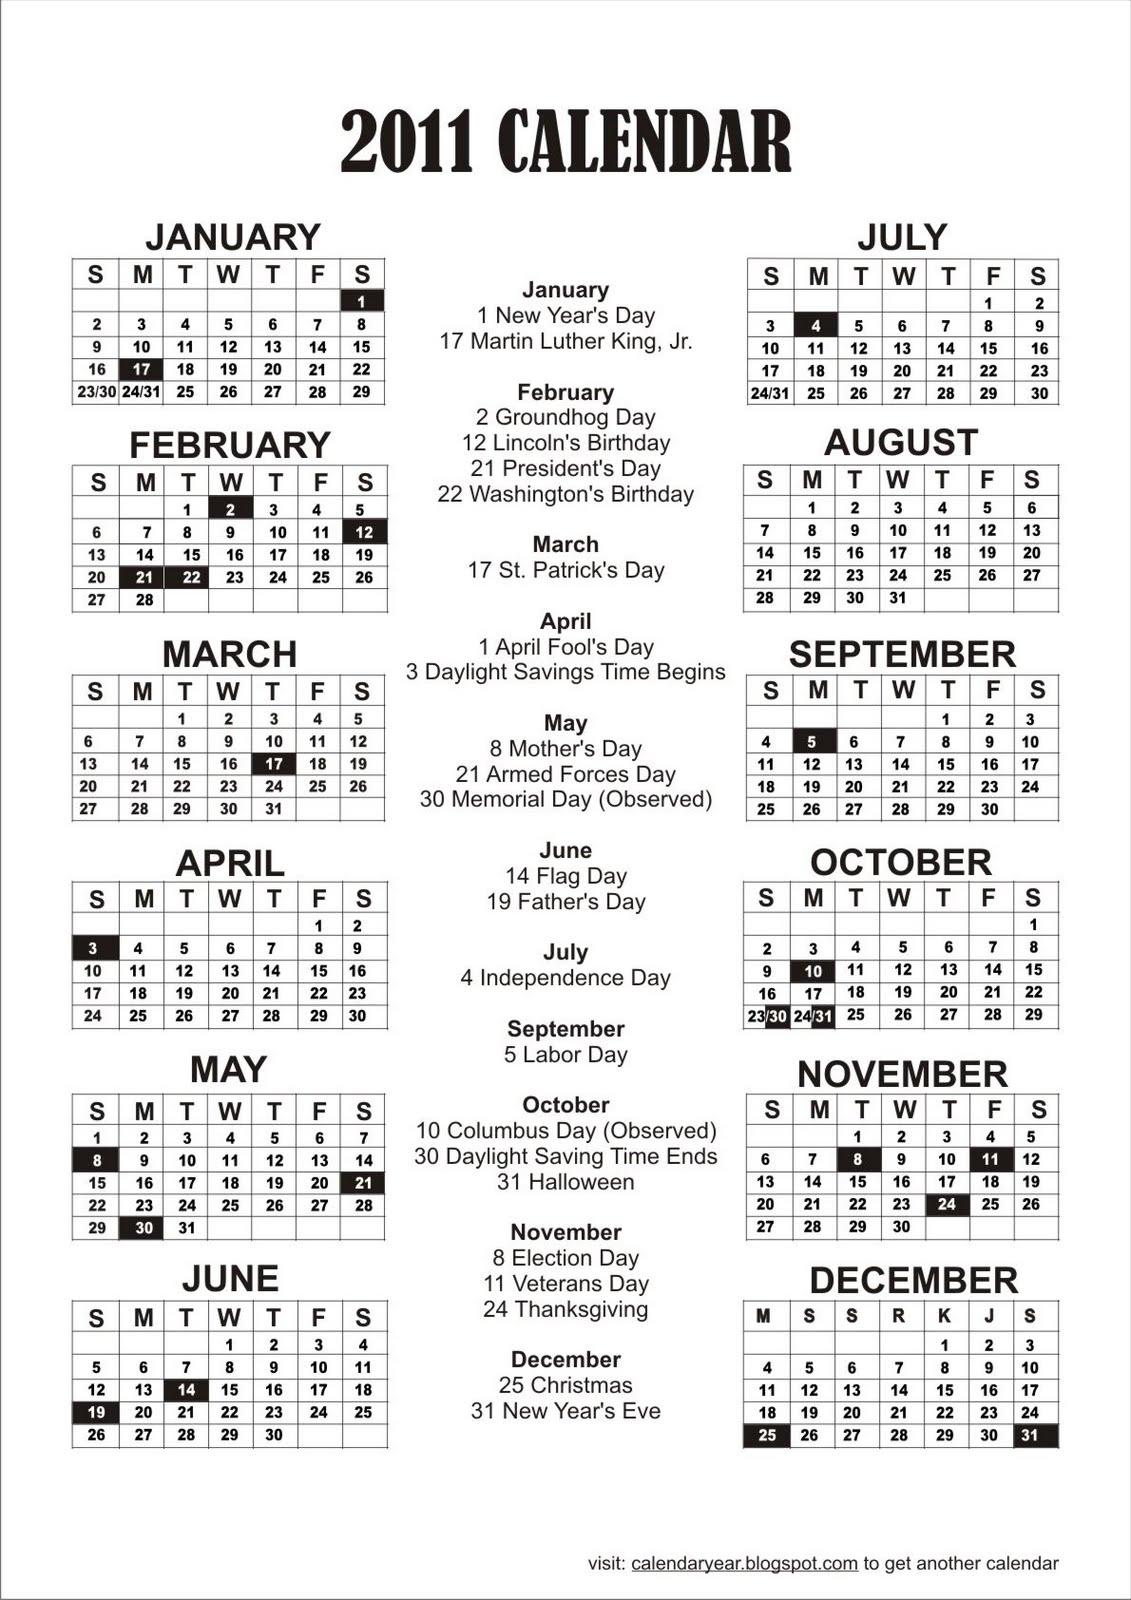 Calendar, Printable, Free: June 2010